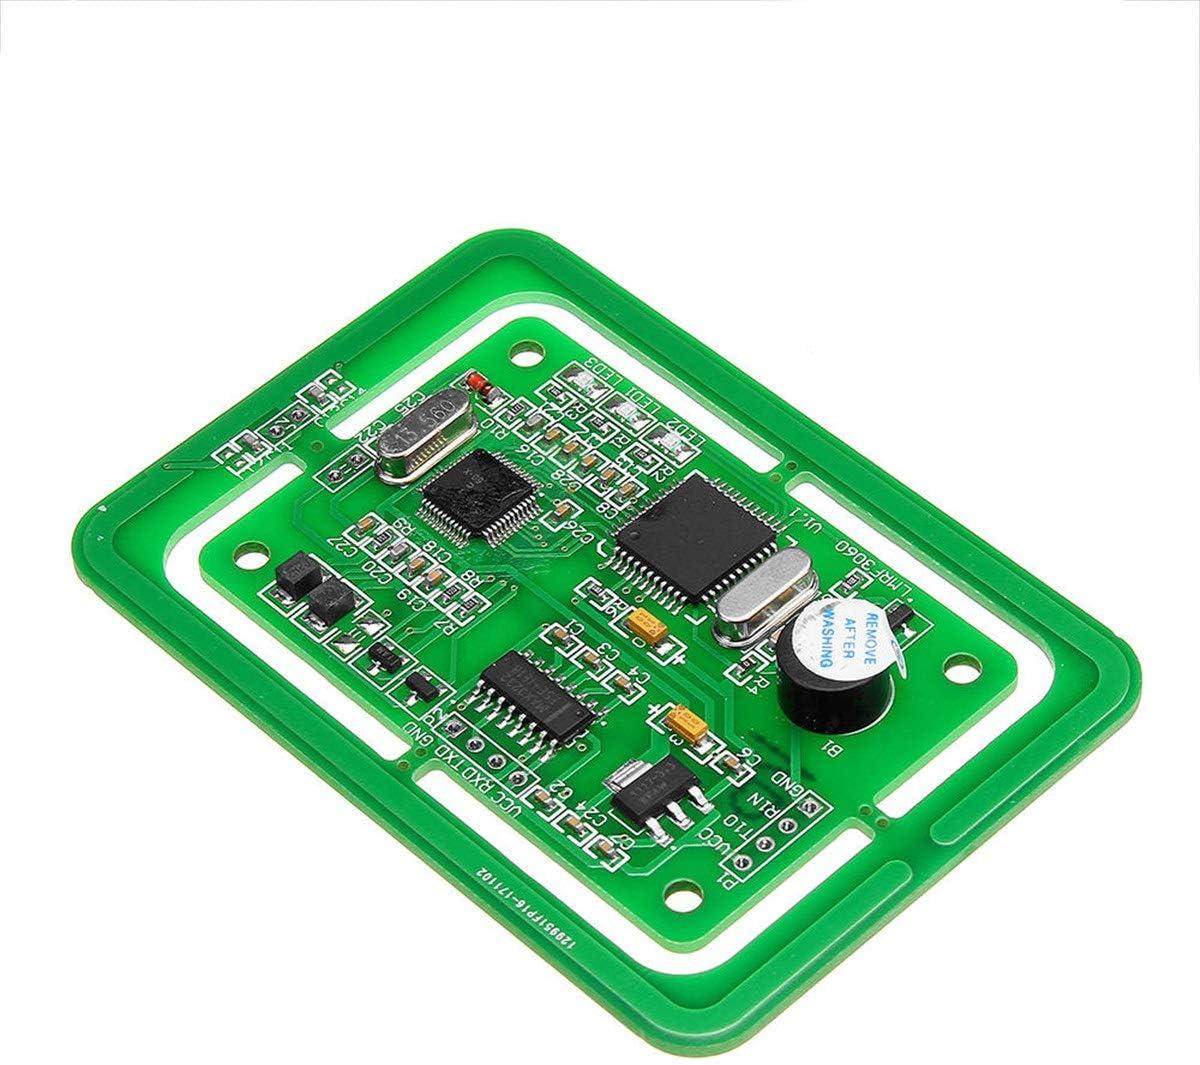 H.Y.FFYH Motorcycle Accessories 5V Multi-Protocol Card RFID Reader Writer Module LMRF3060 Development Board